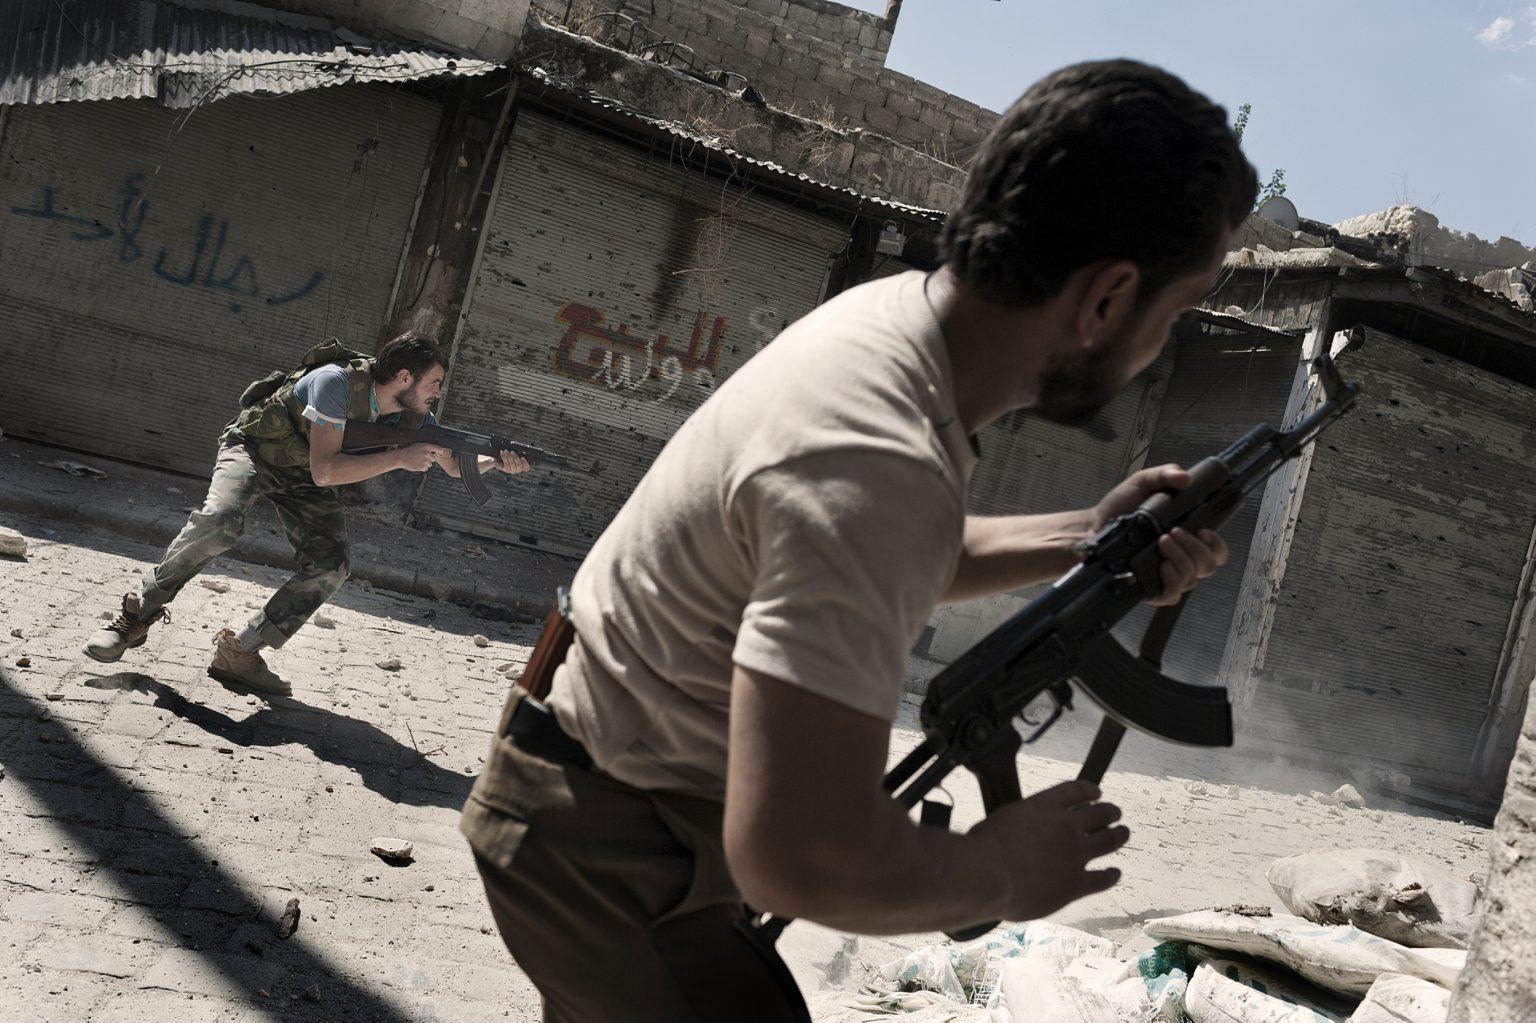 Aleppo, Syria September 24th 2012, rebels fighting against the position of a sniper of the government ——————— Aleppo, Siria 24 settembre 2012, ribelli che combattono contro la posizione di un cecchino del governo